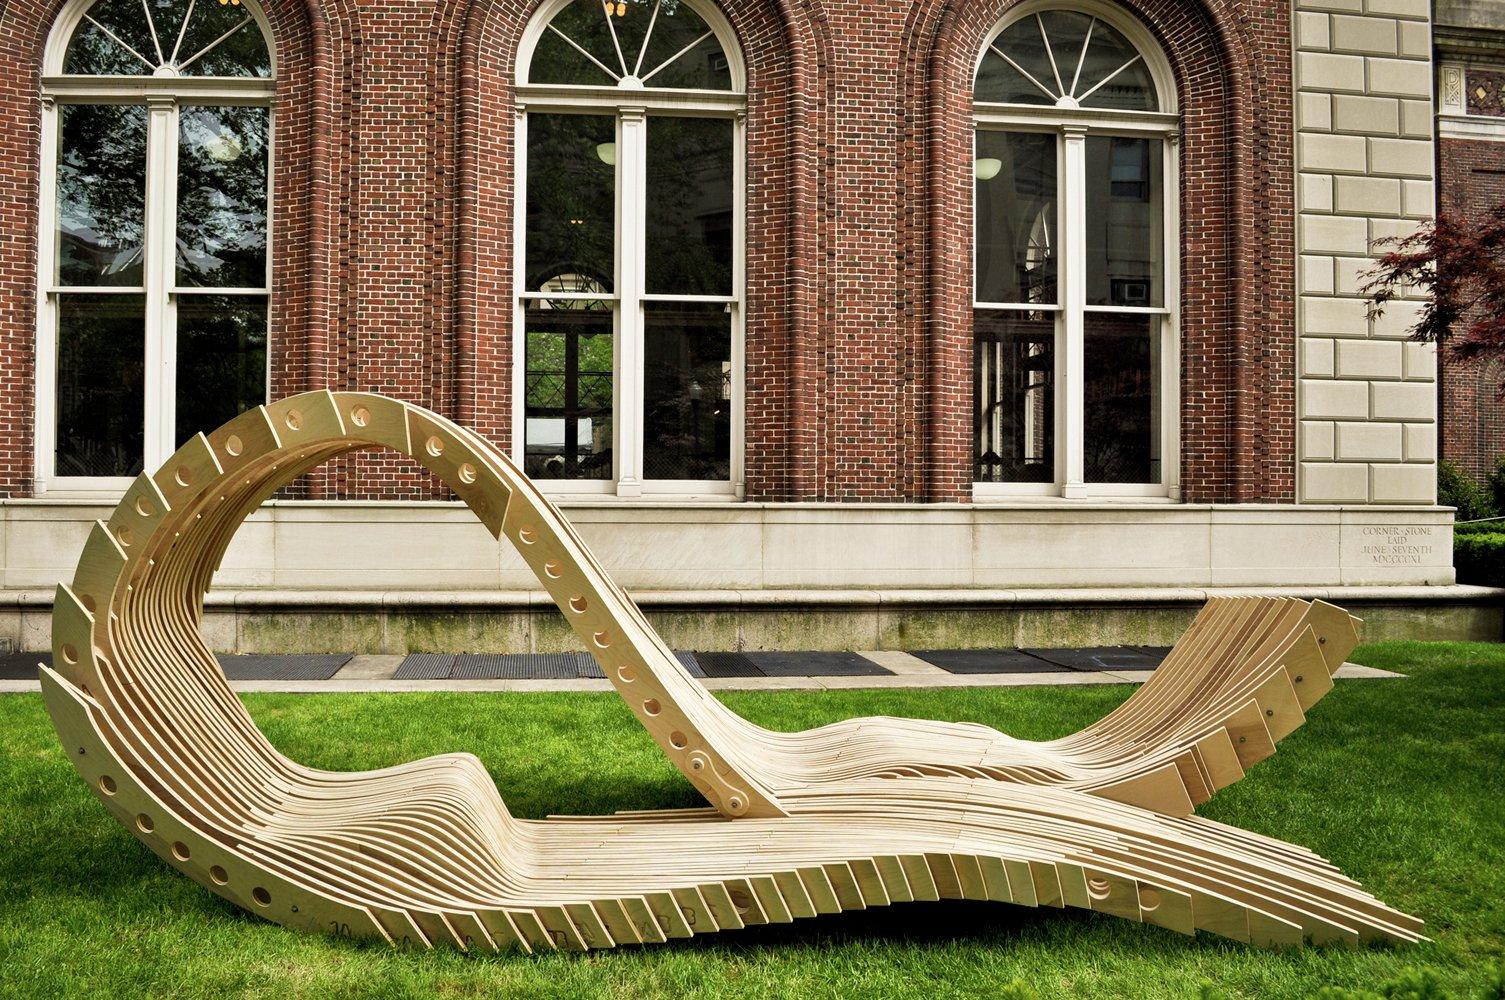 Скульптуры - малые архитектурные формы в ландшафтном дизайне